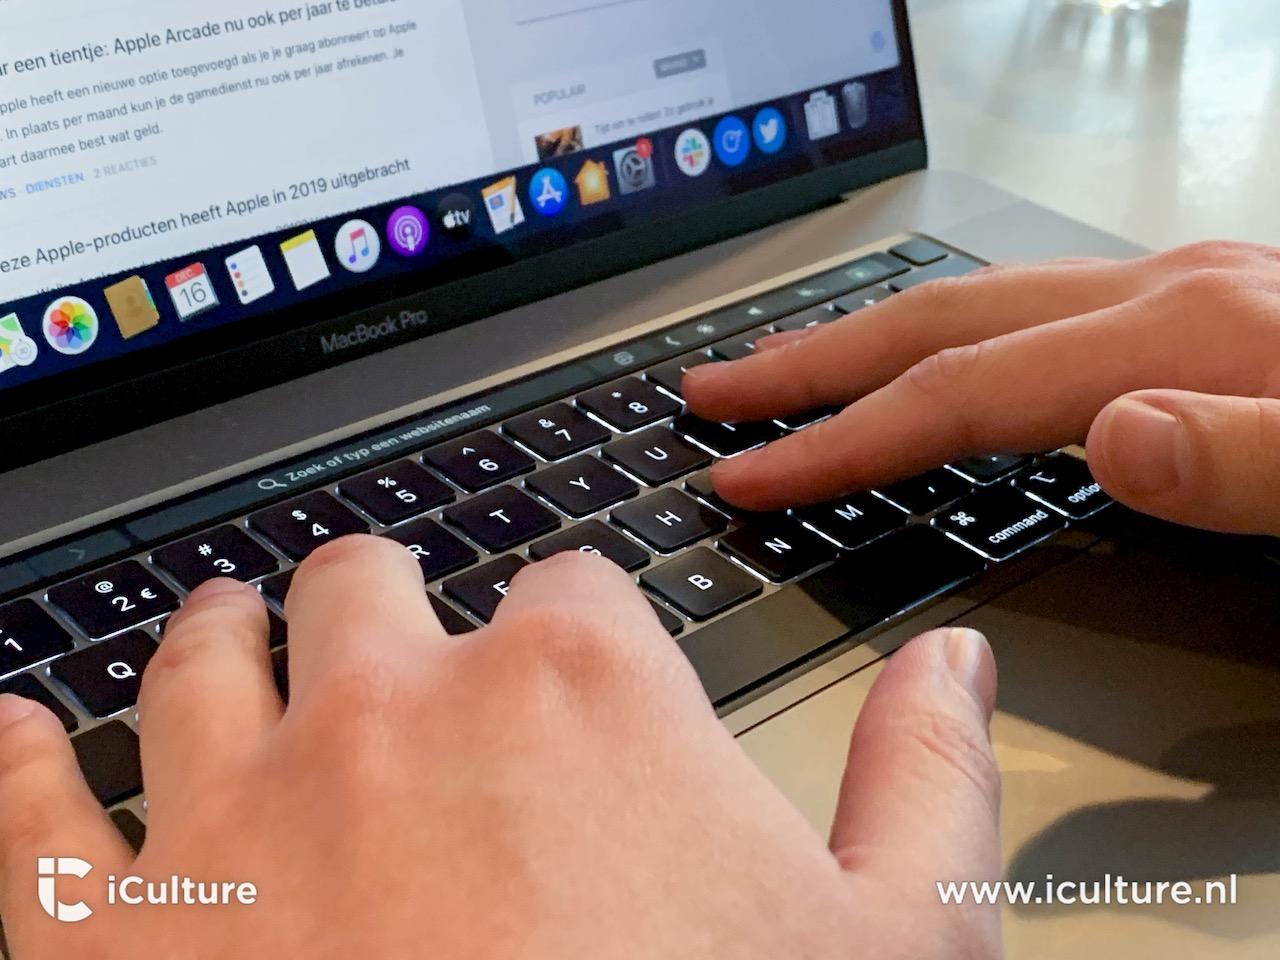 MacBook Pro 16-inch toetsenbord handen